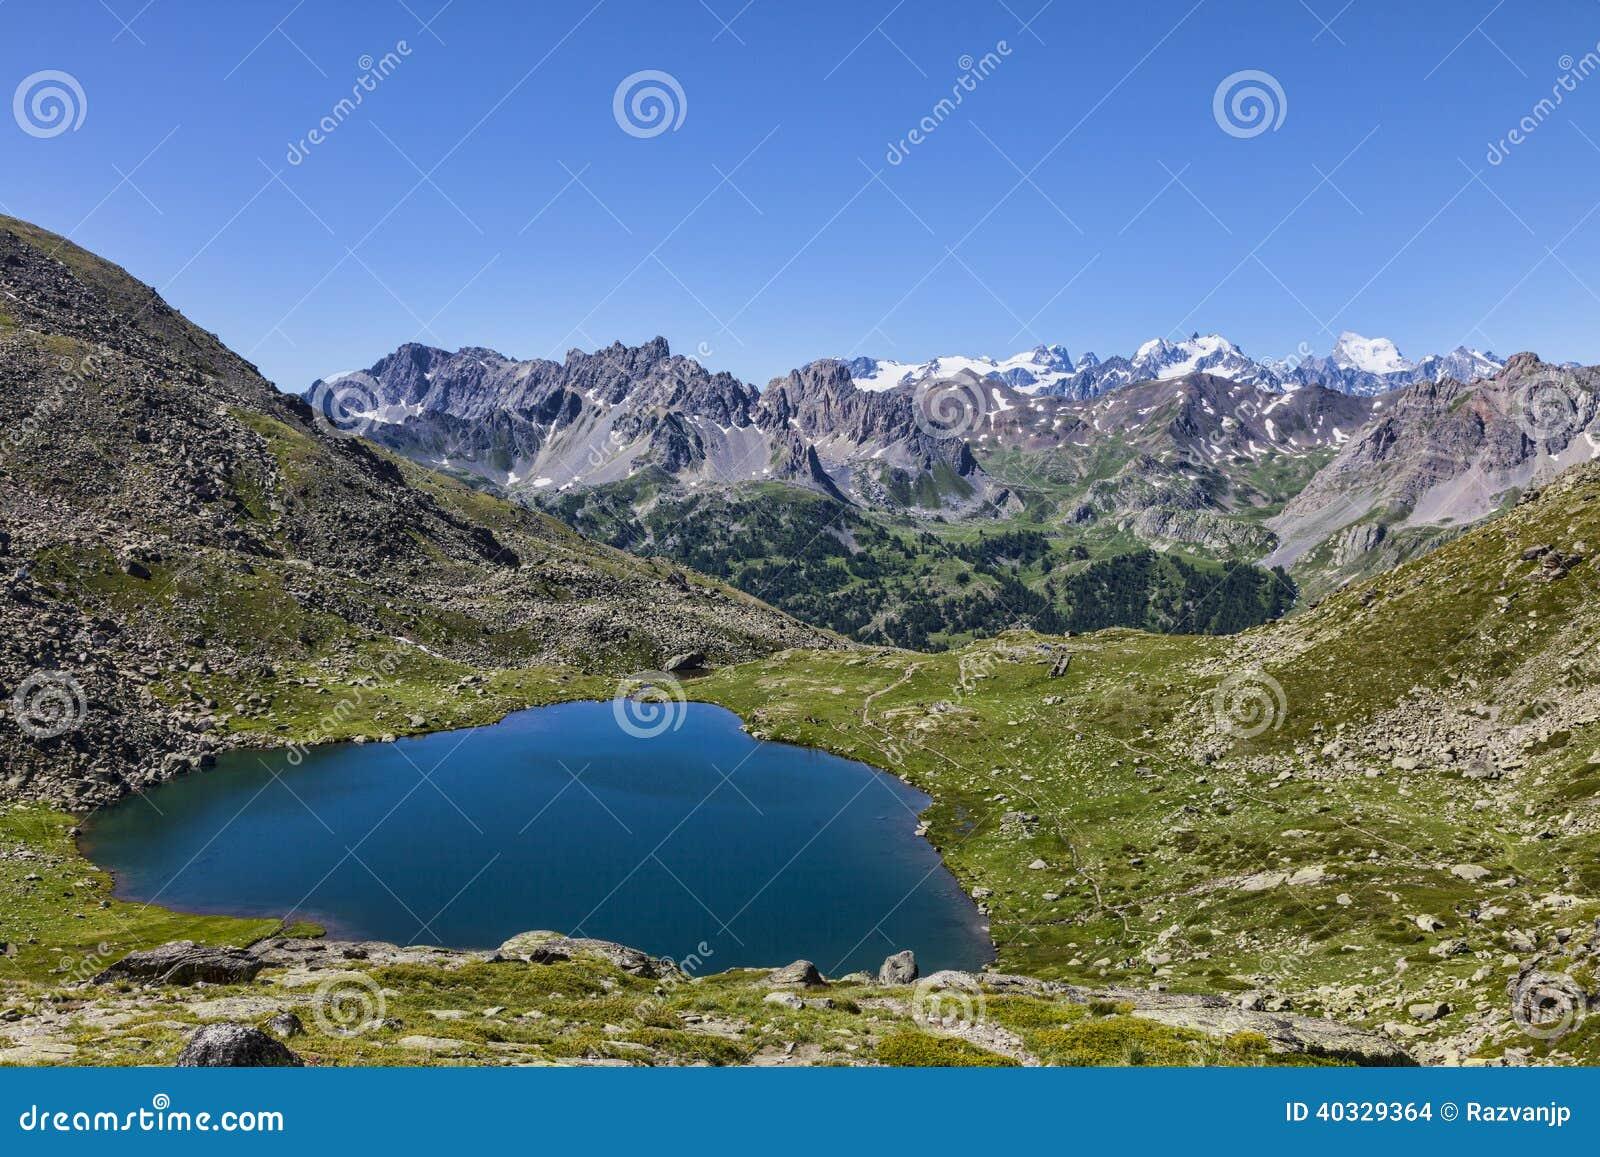 Озеро змейк (Lac du Змей)